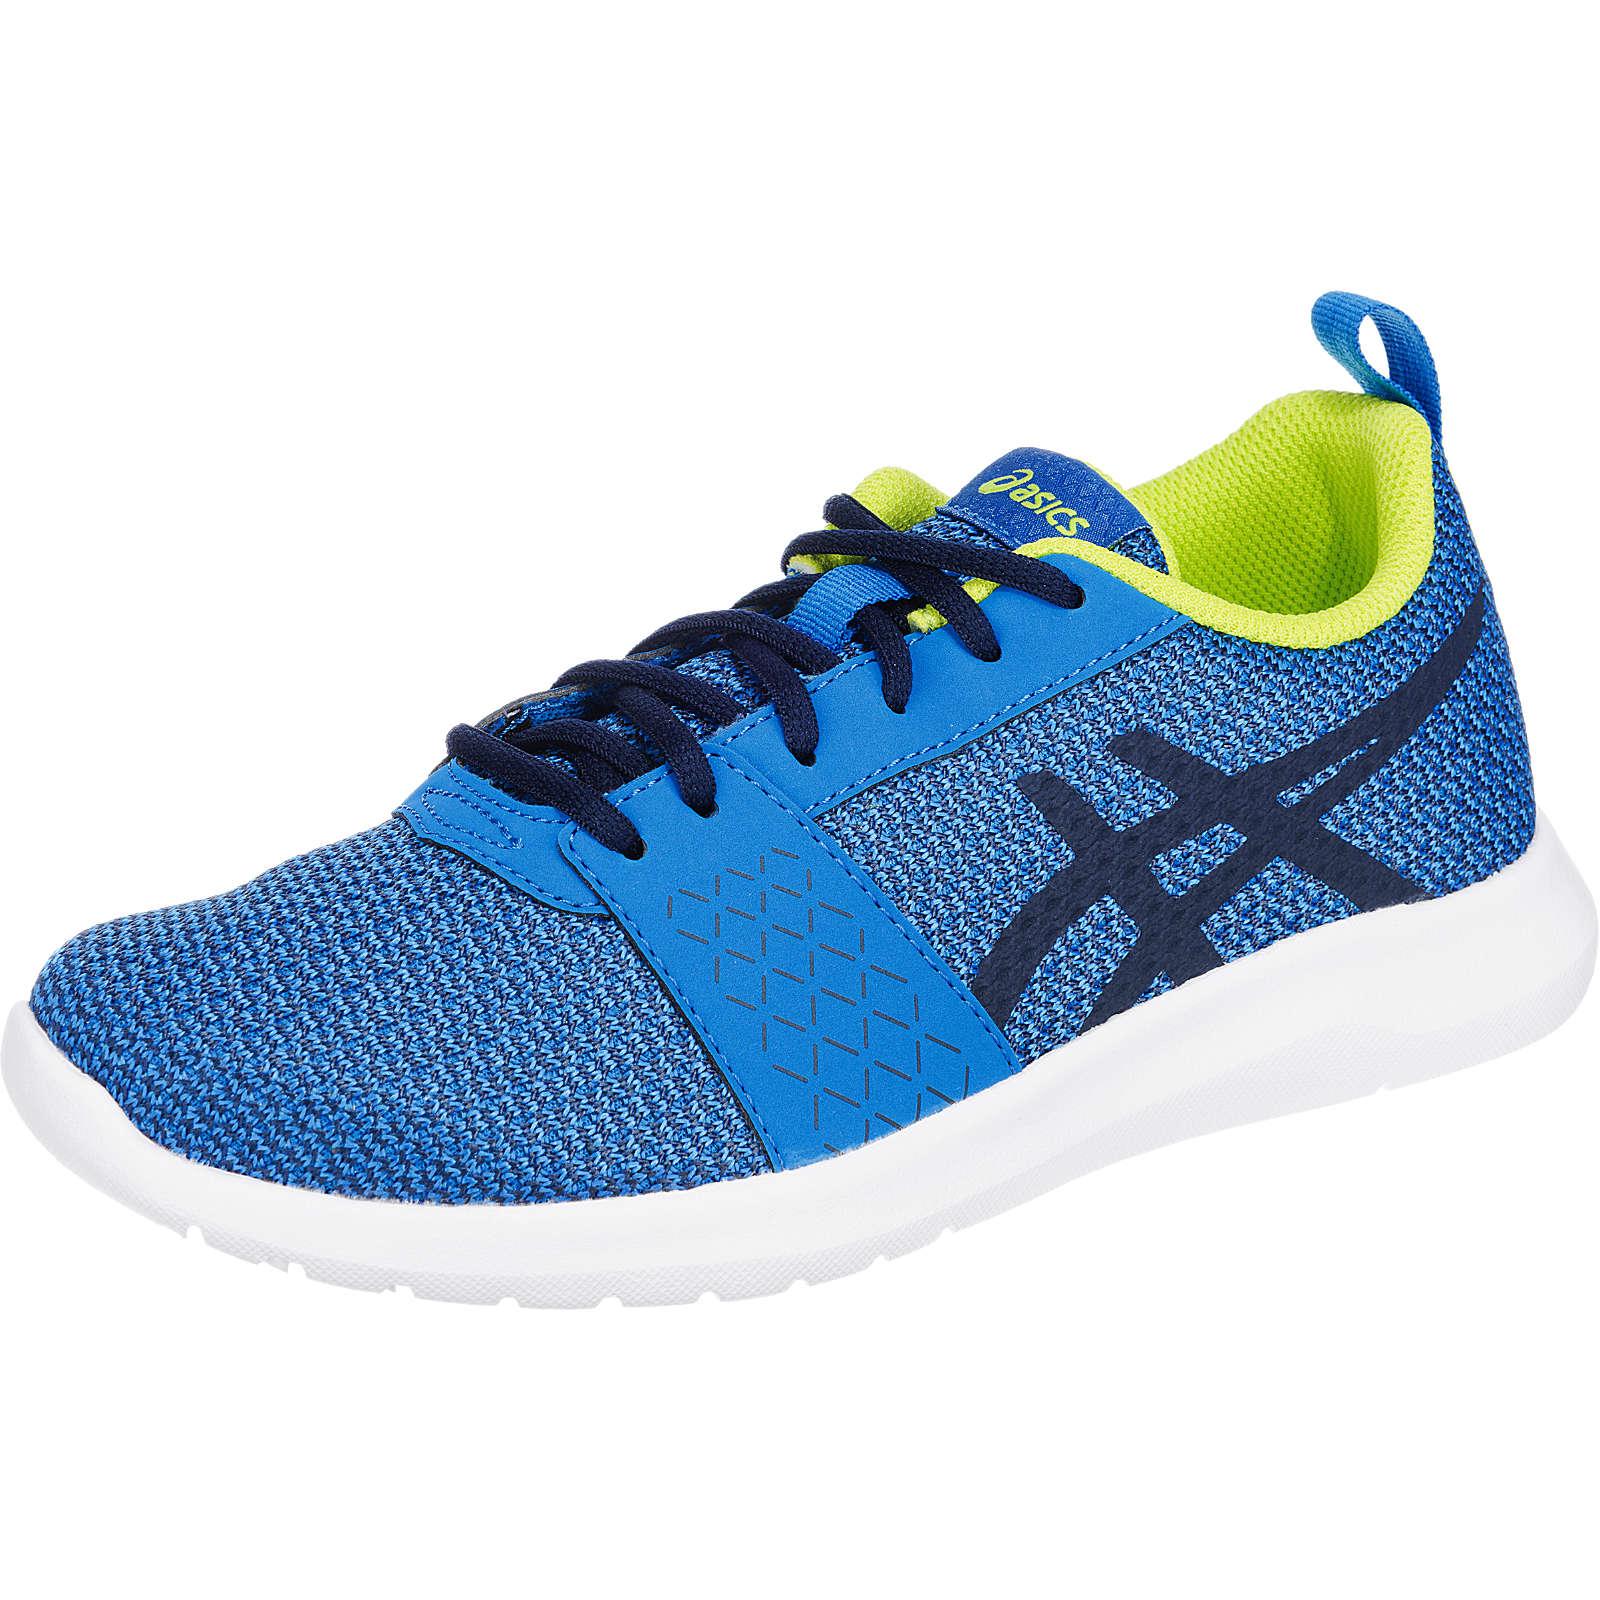 ASICS Sportschuhe KANMEI GS für Jungen blau Junge Gr. 37 bei Mirapodo - Neue Styles